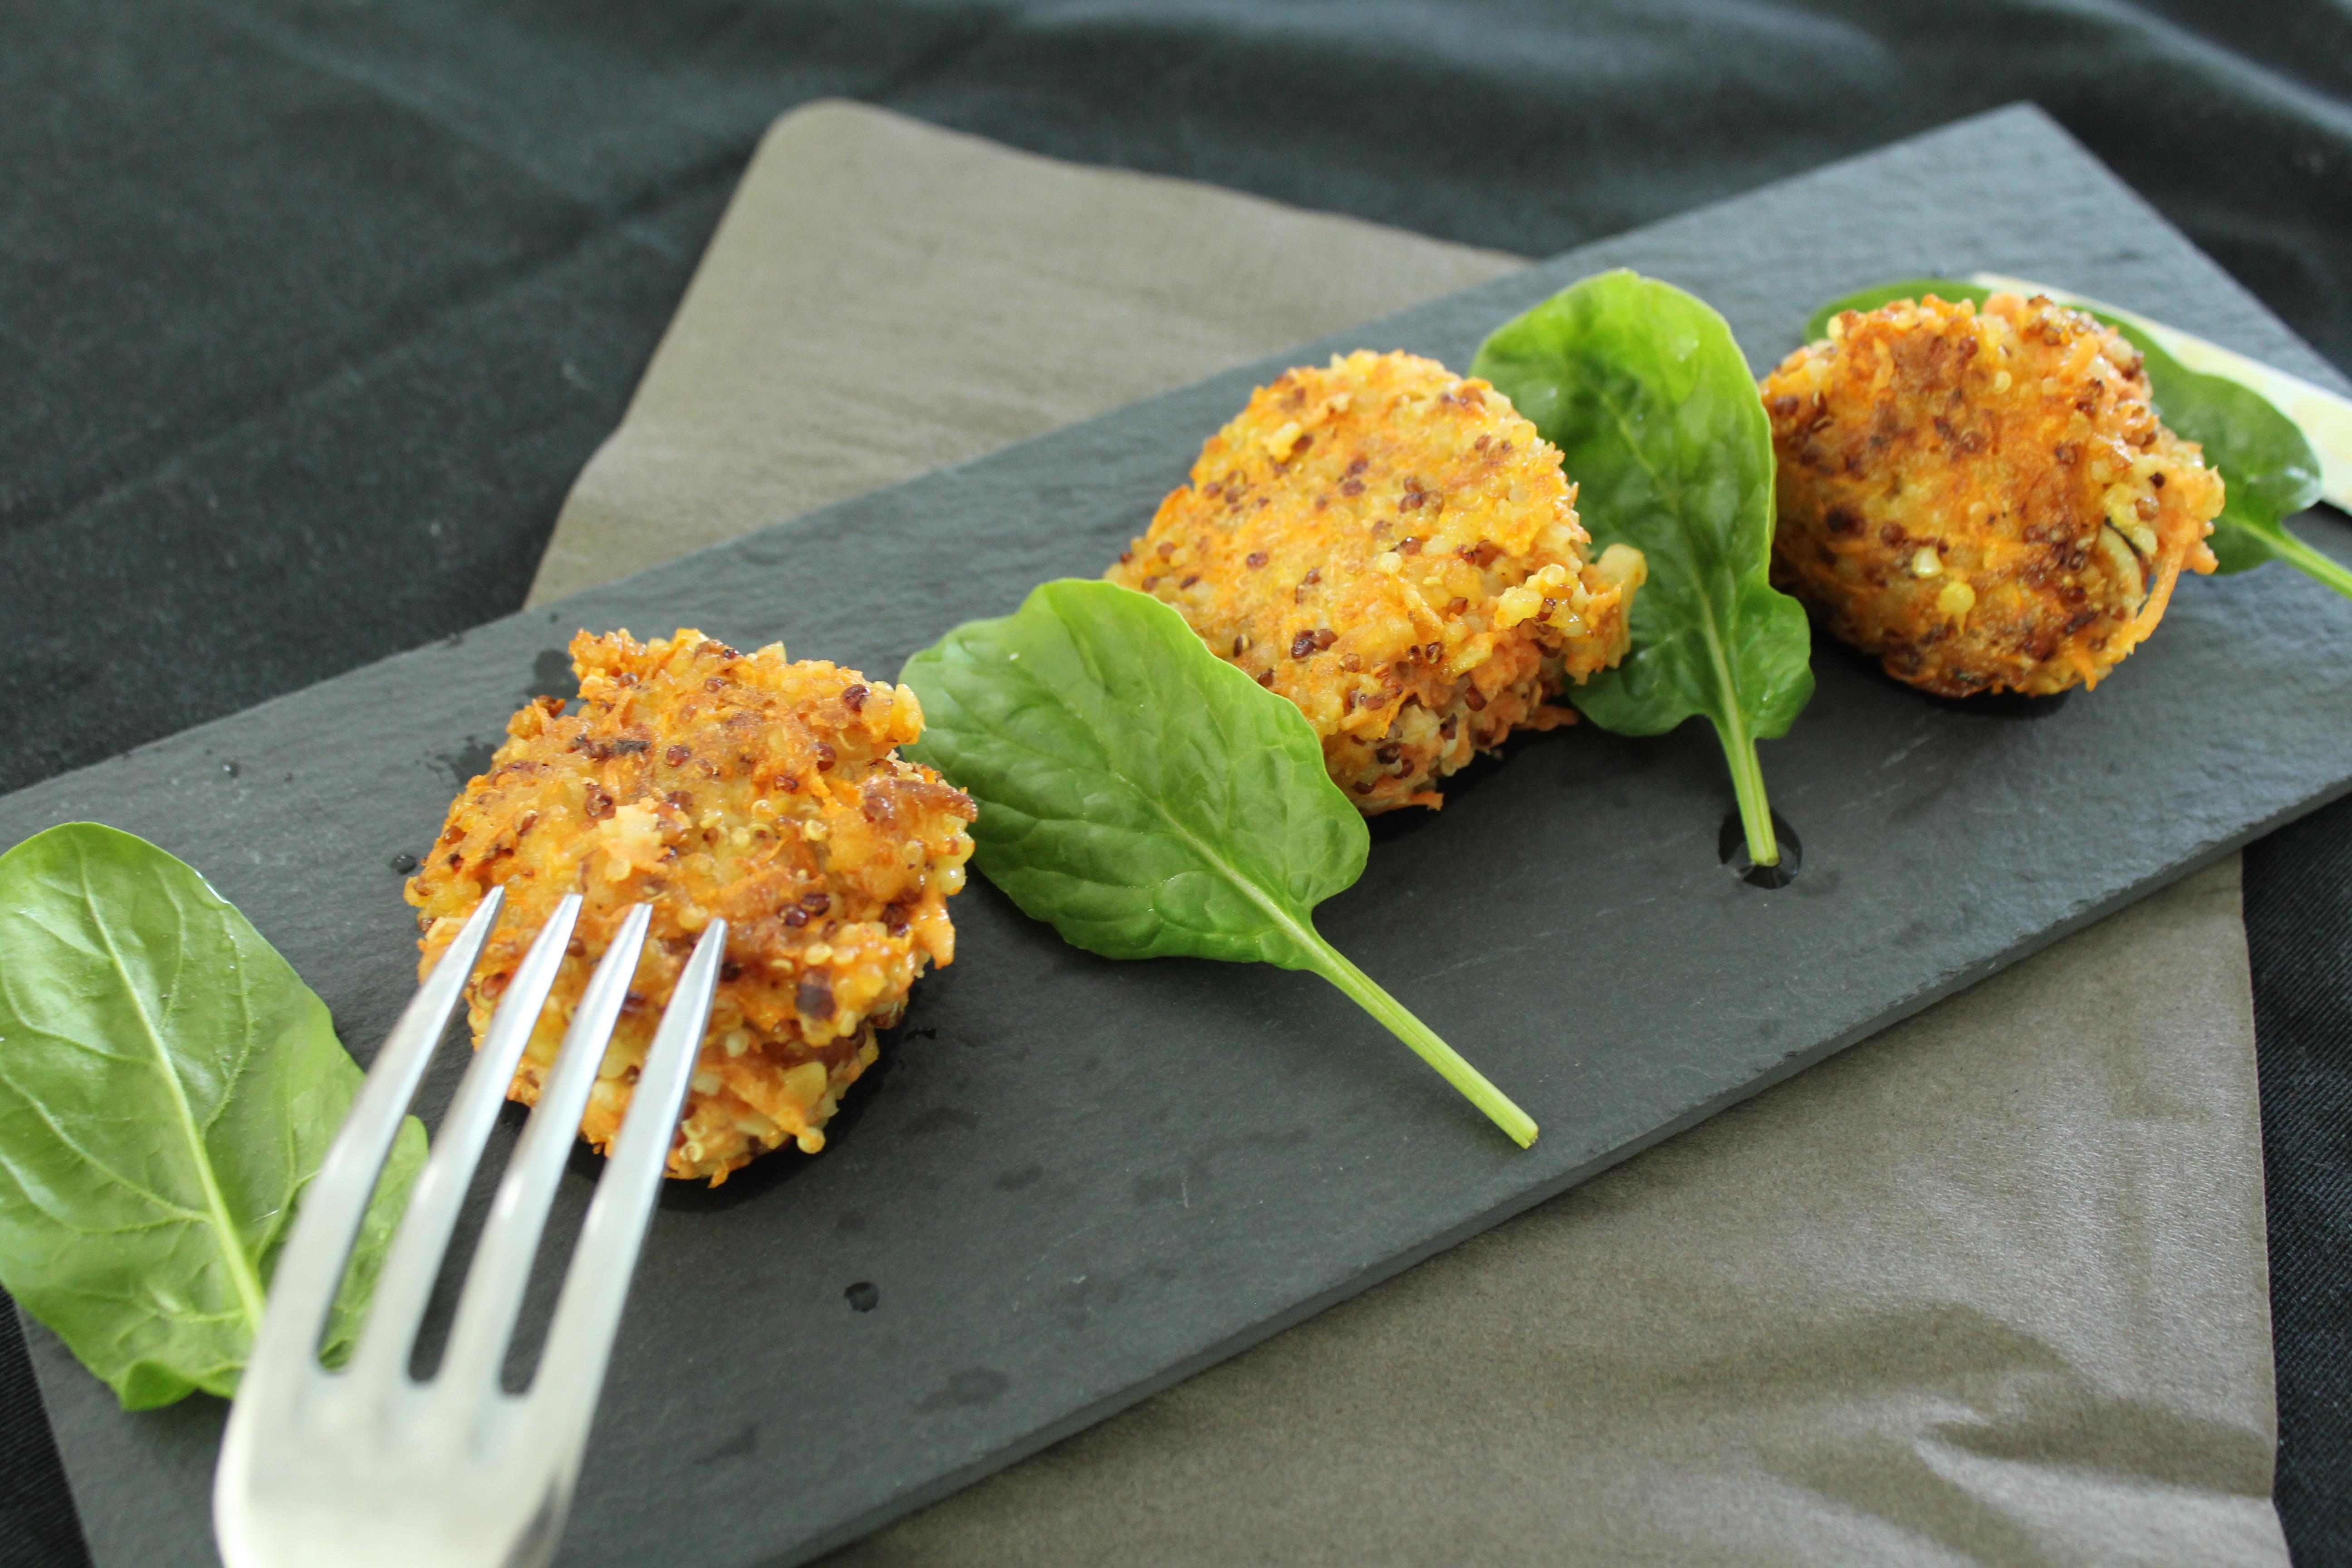 Galettes de quinoa carottes et noisettes sans gluten for Cuisiner quinoa